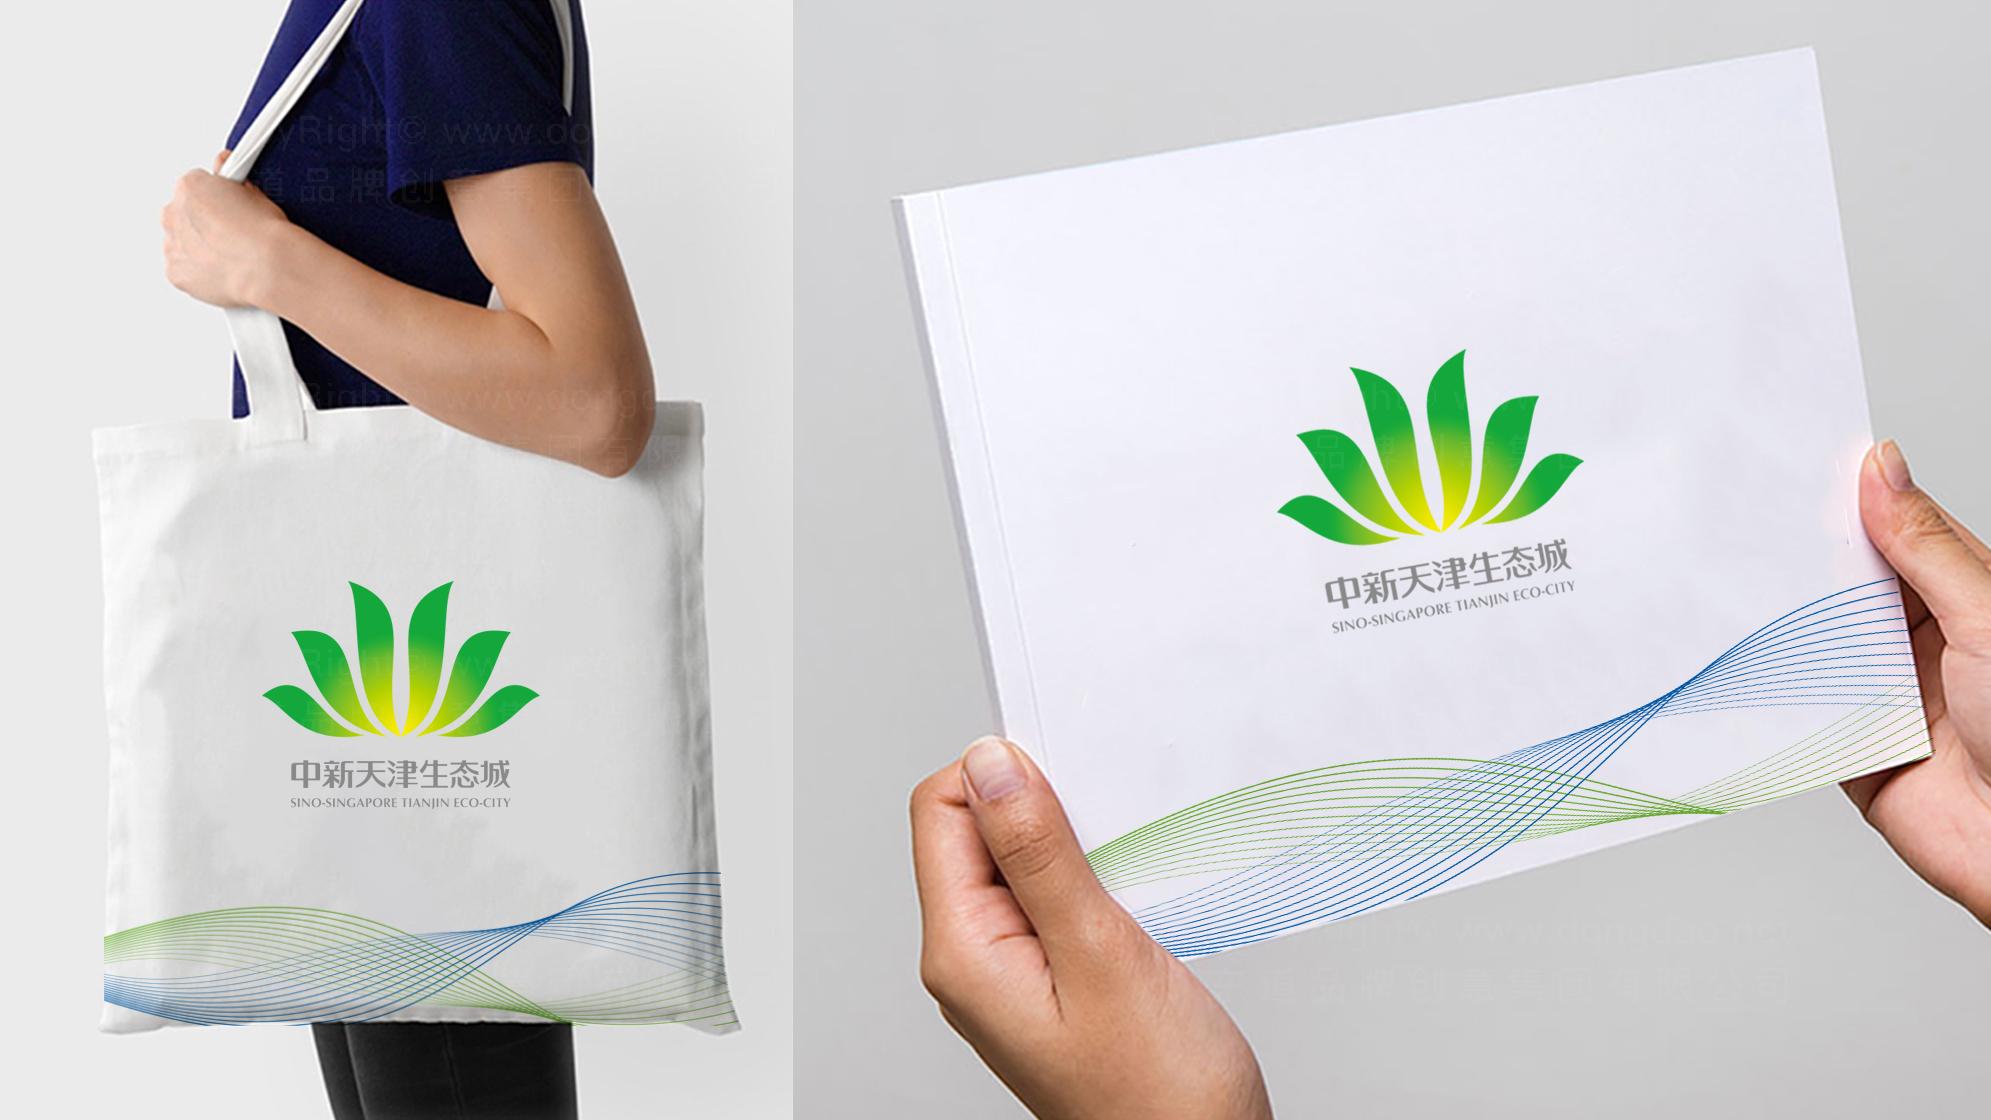 天津中新生态城logo设计、vi设计应用场景_3